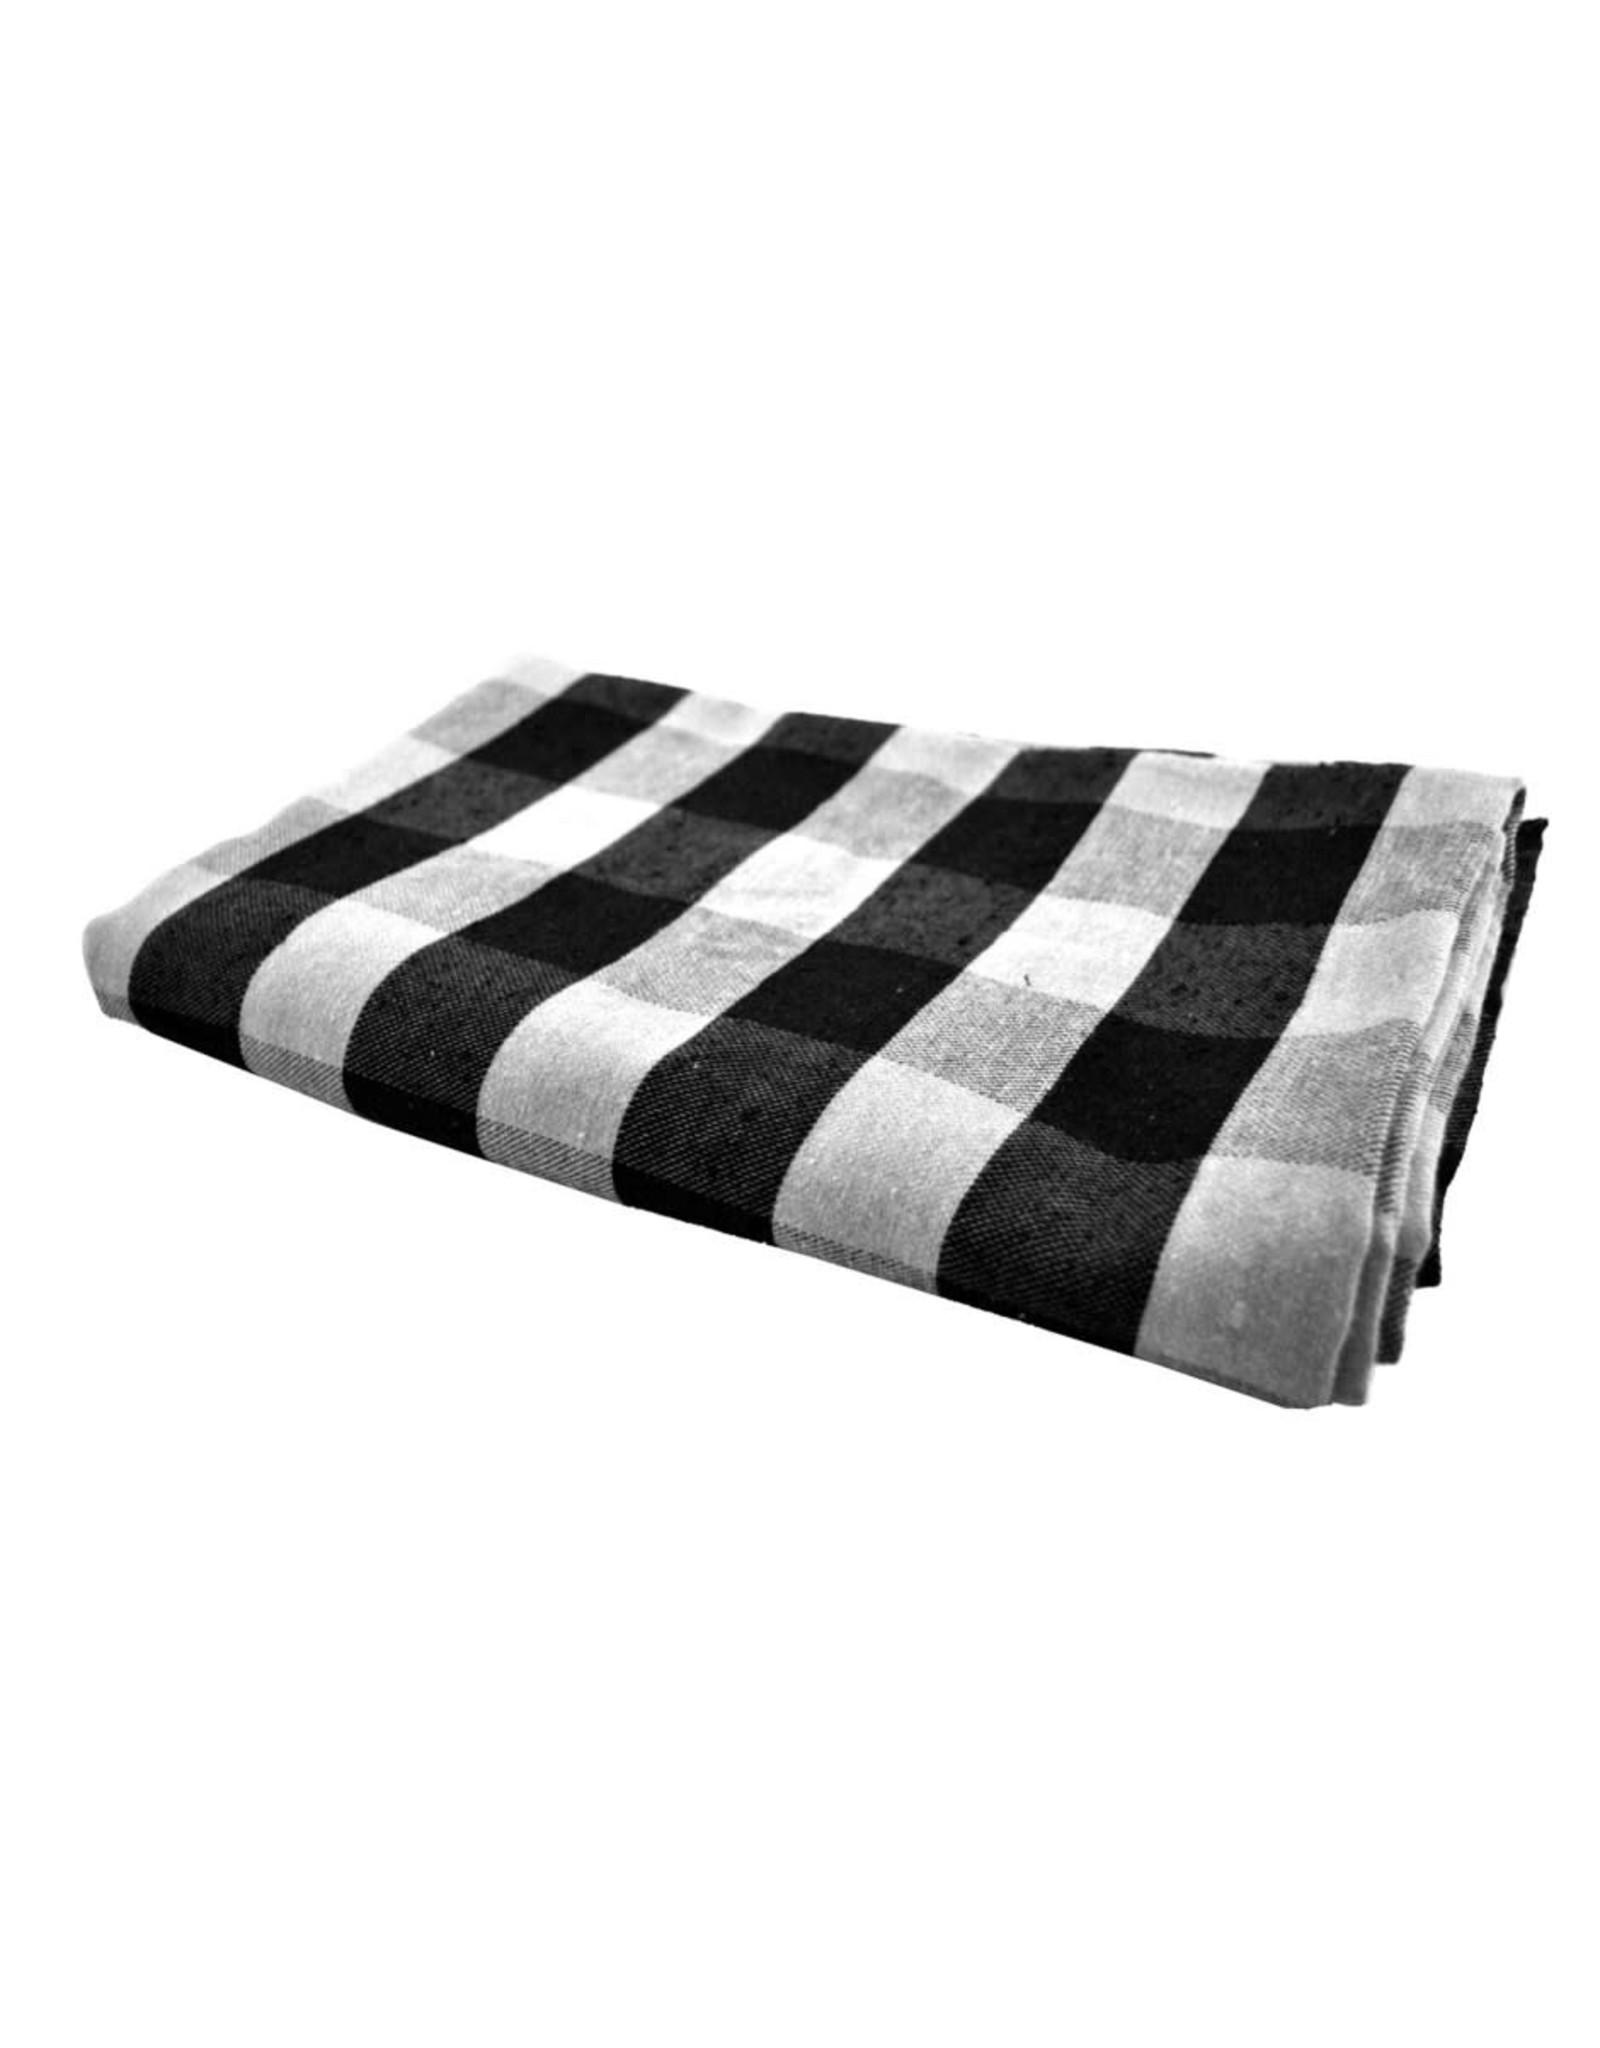 Nappe noire et blanche (60 x 90)